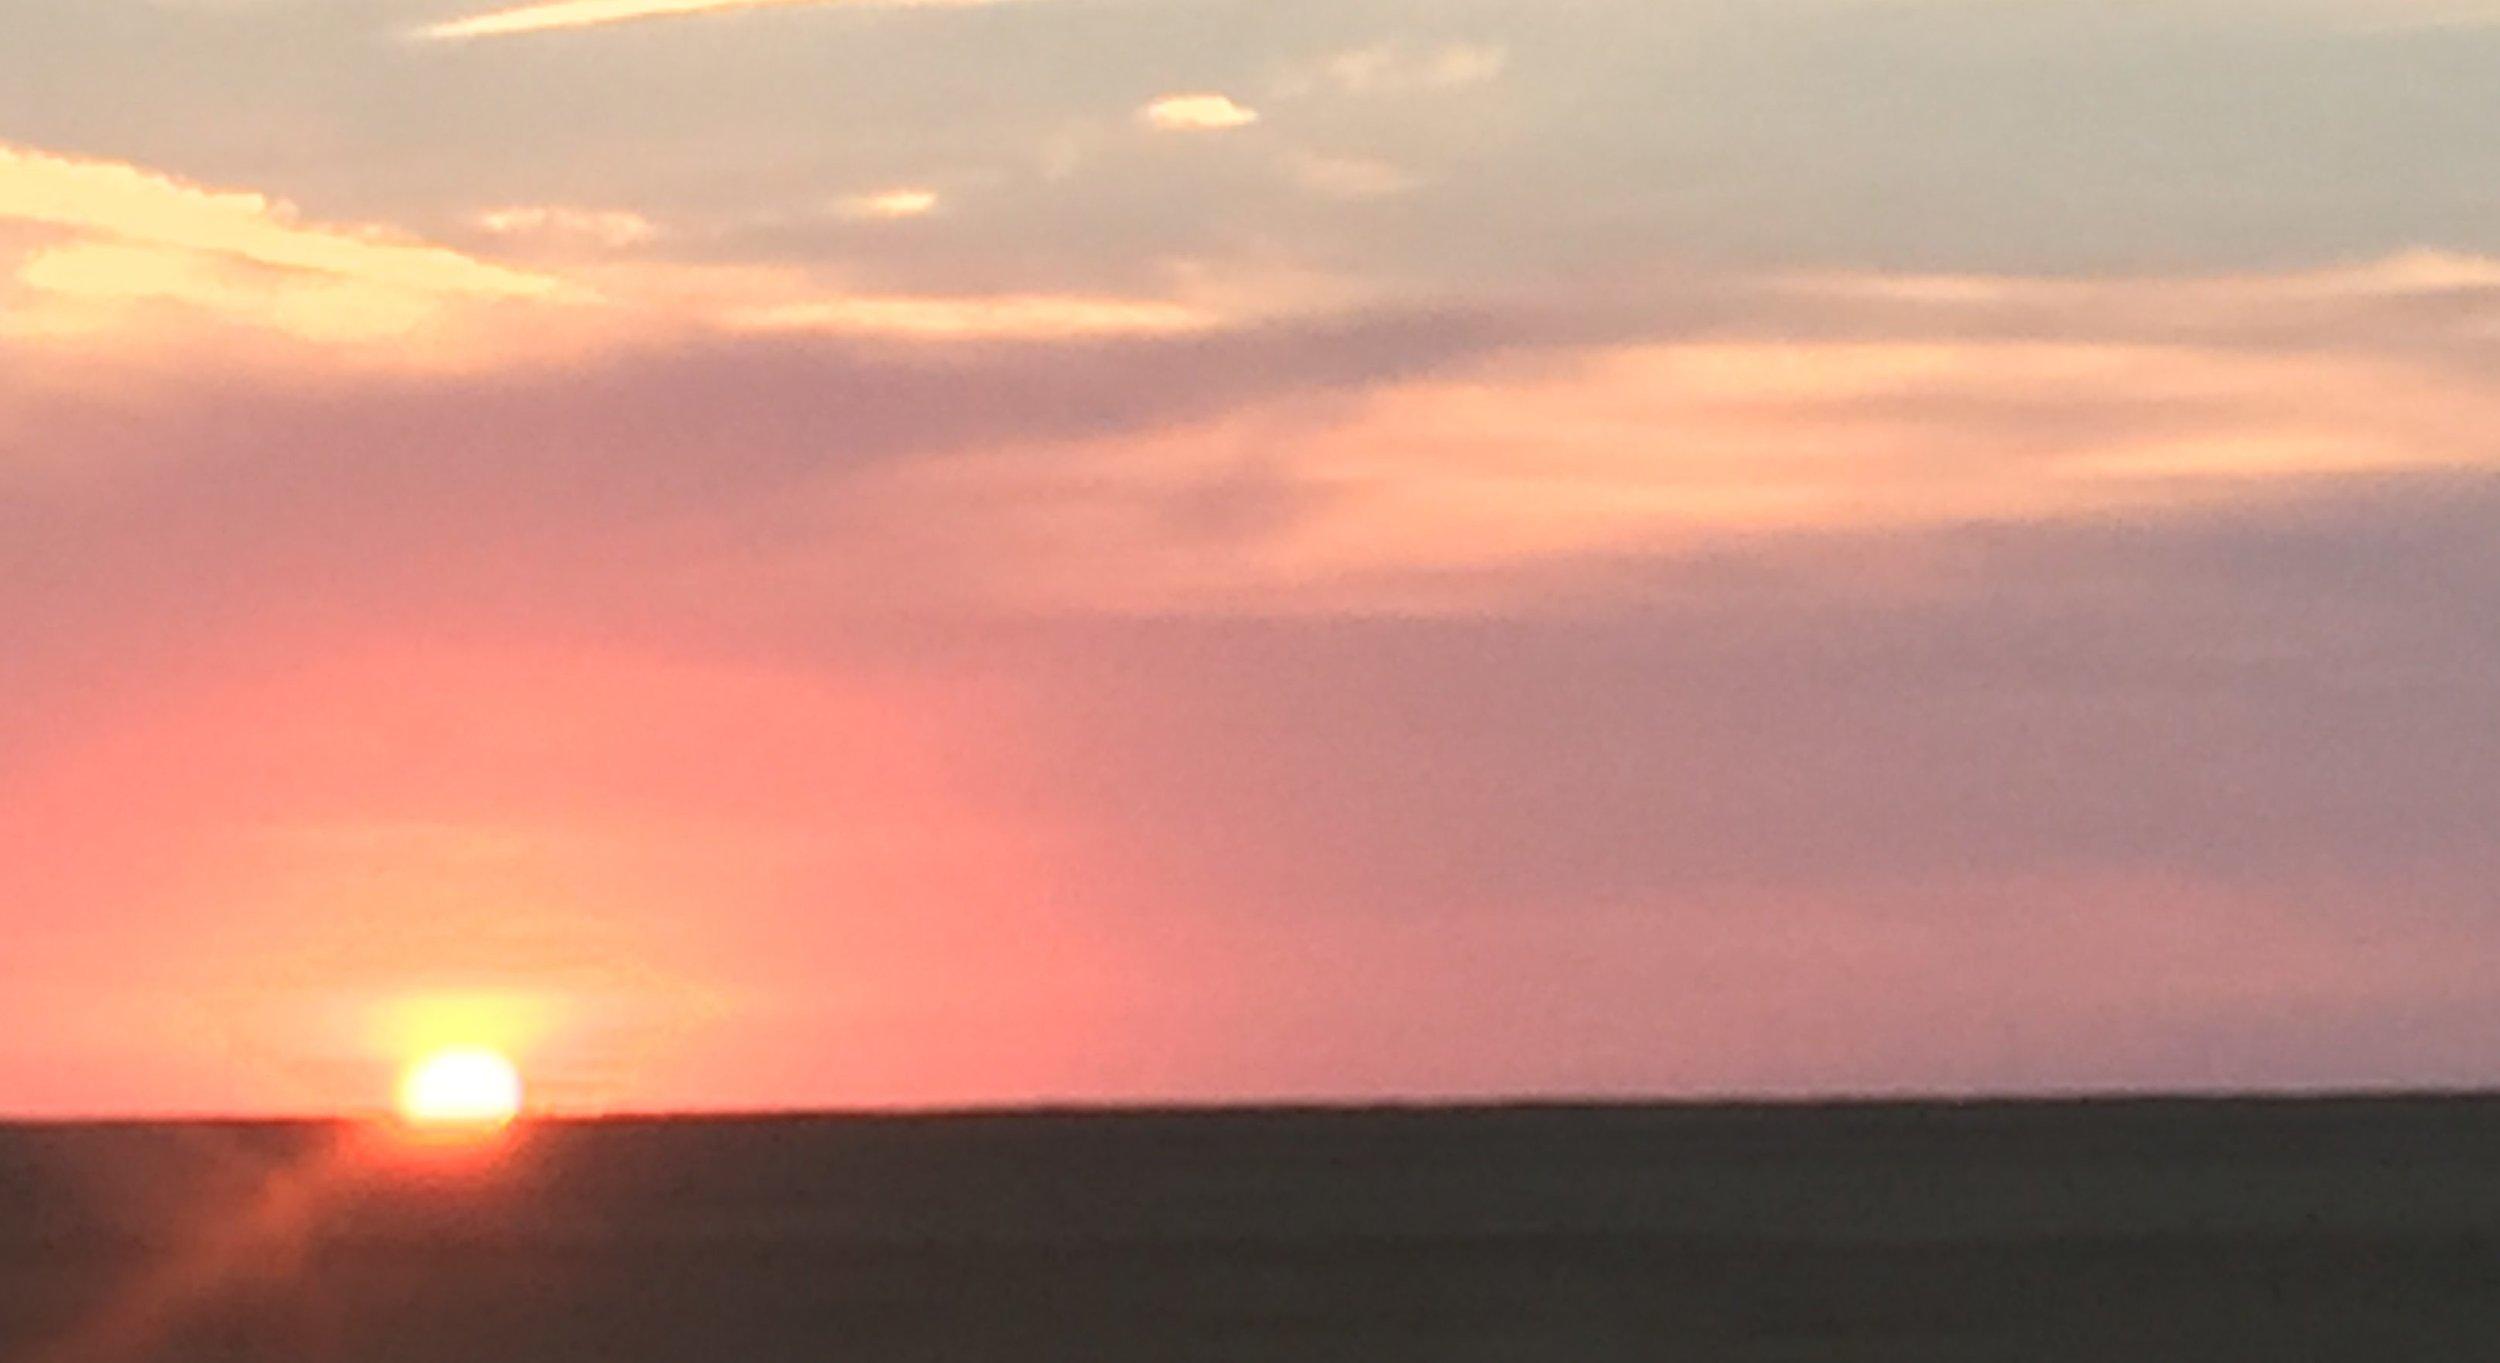 A Kansas sunrise